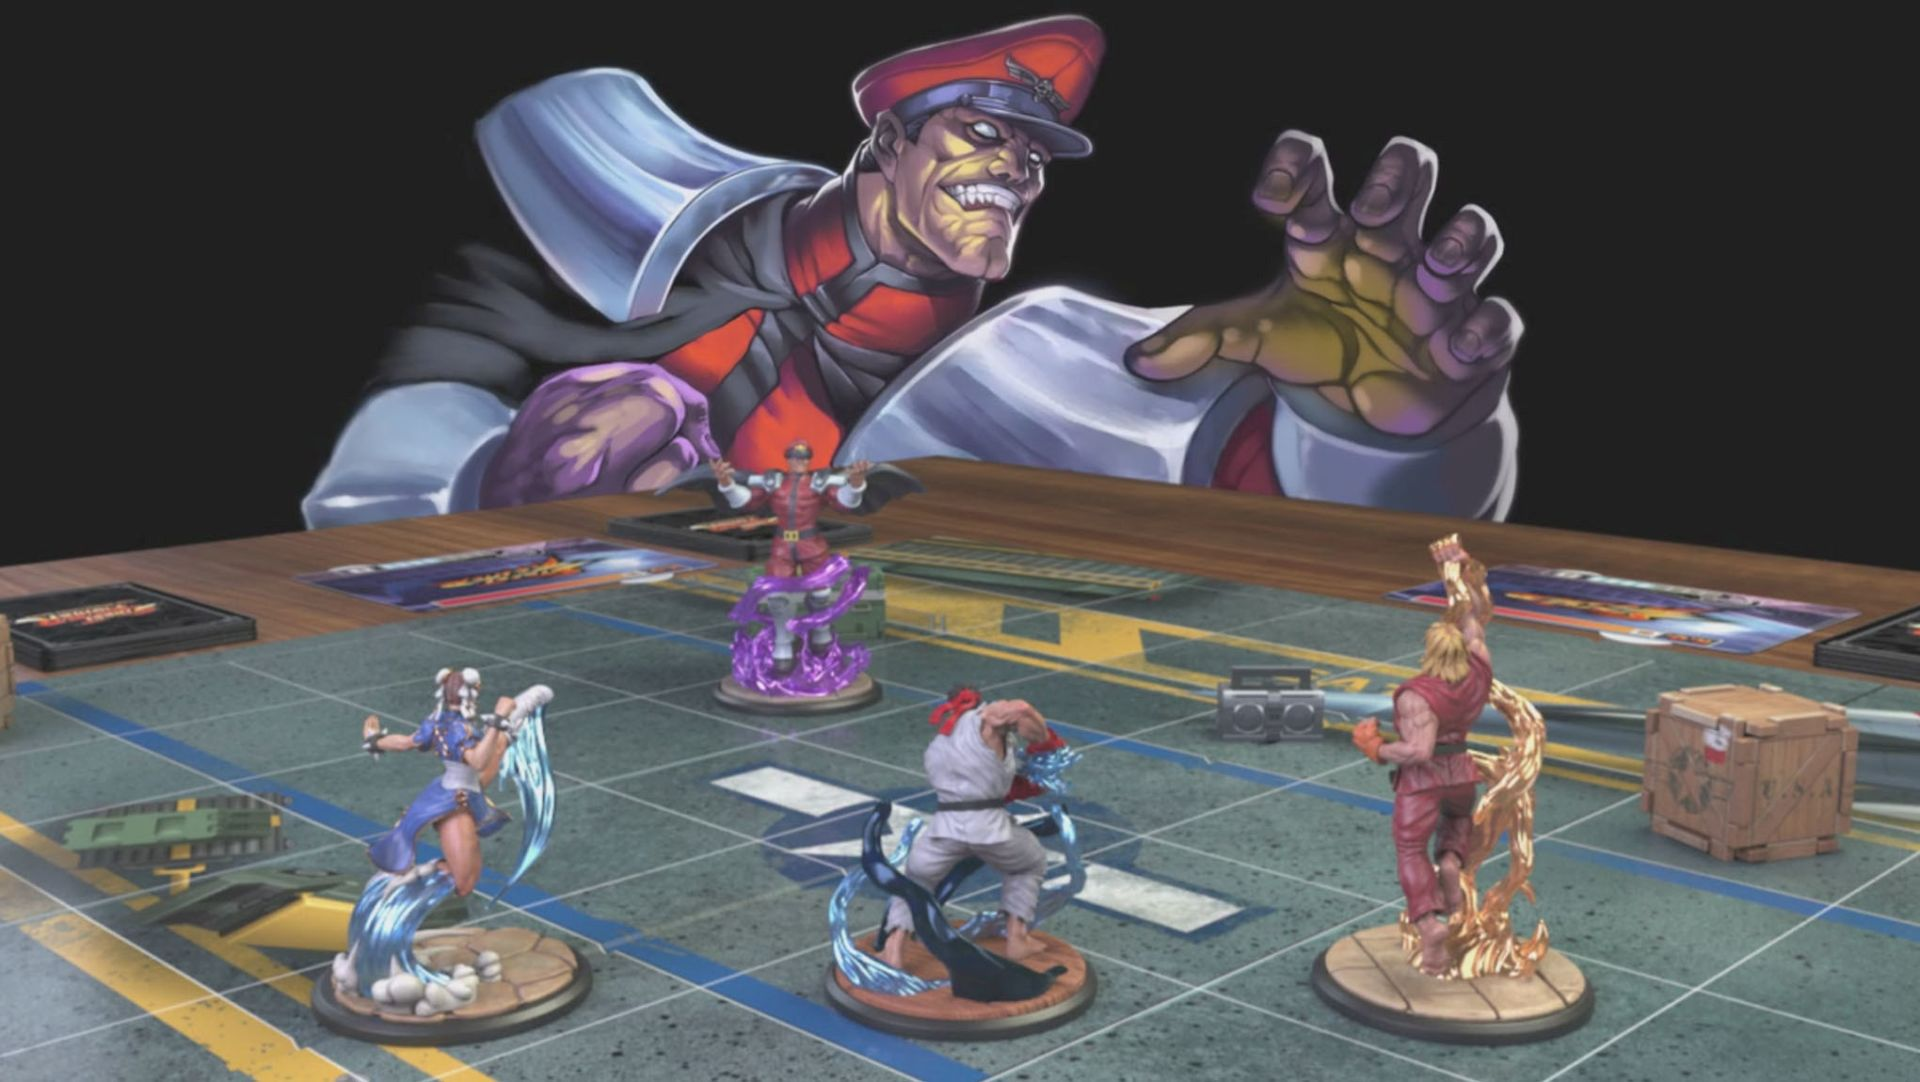 Street Fighter: The Miniature Game skupio traženo na Kickstarteru